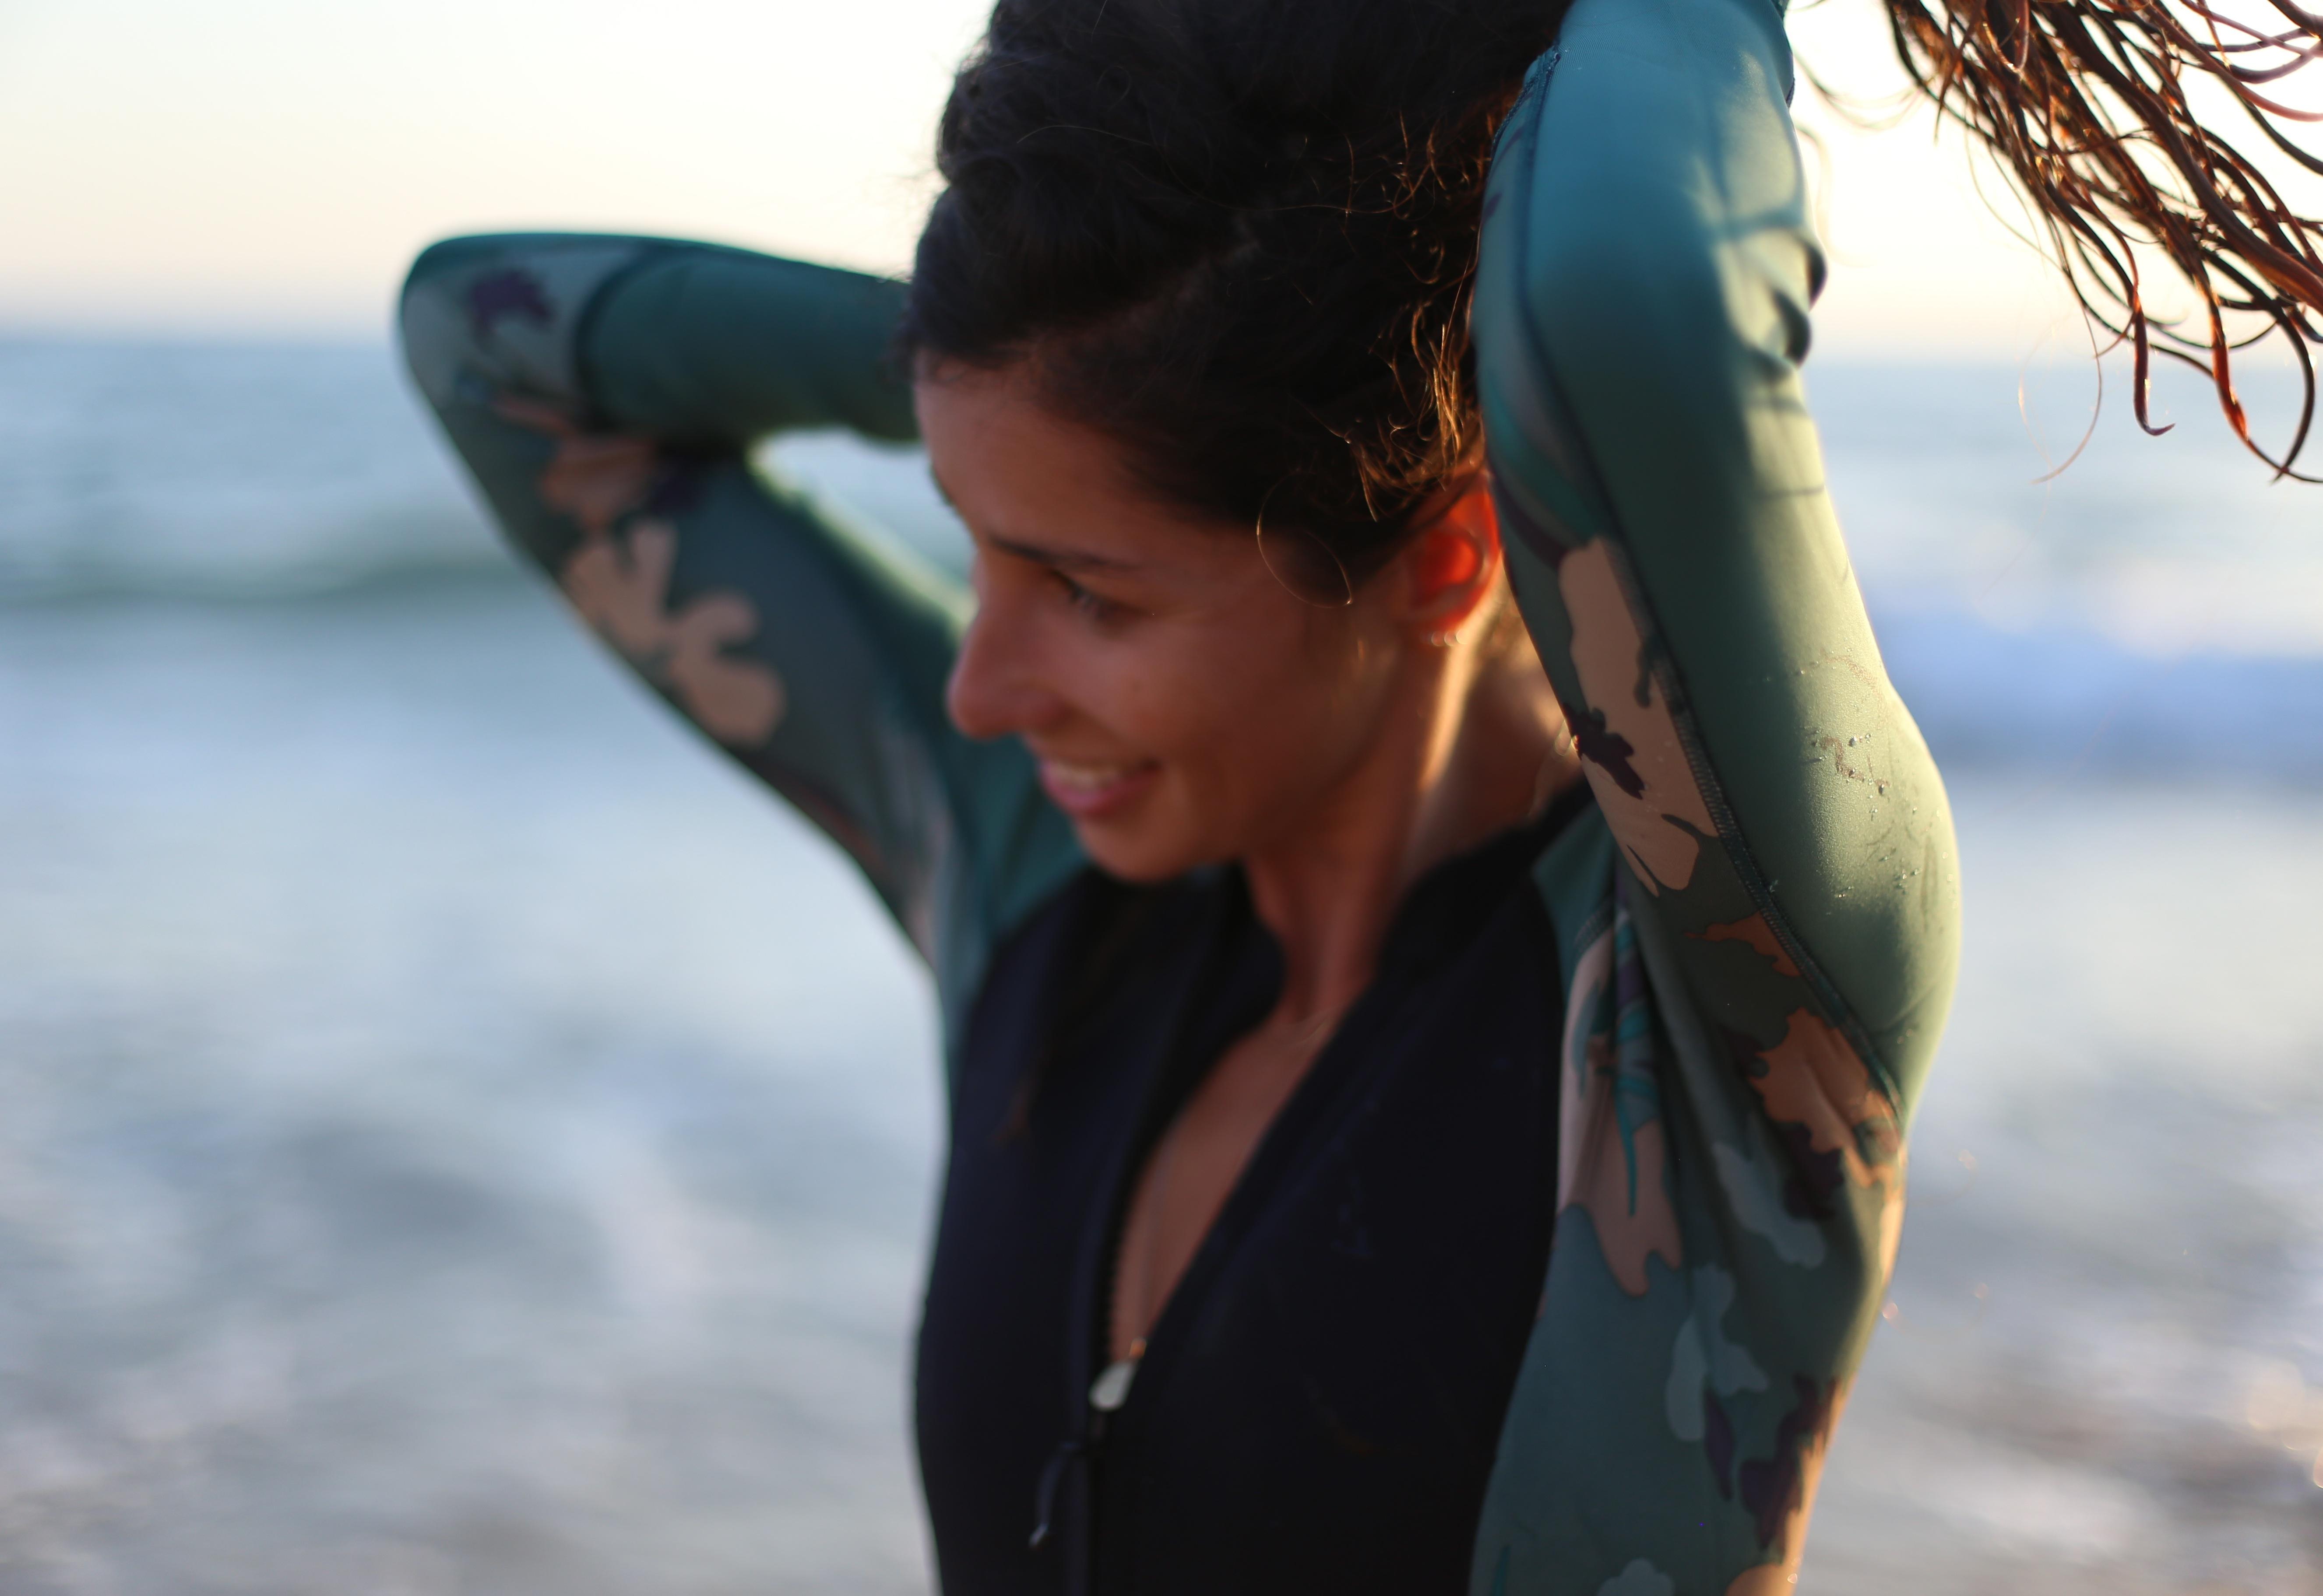 combinaison de surf sans néoprène femme patagonia surf kitesurf wakeboard